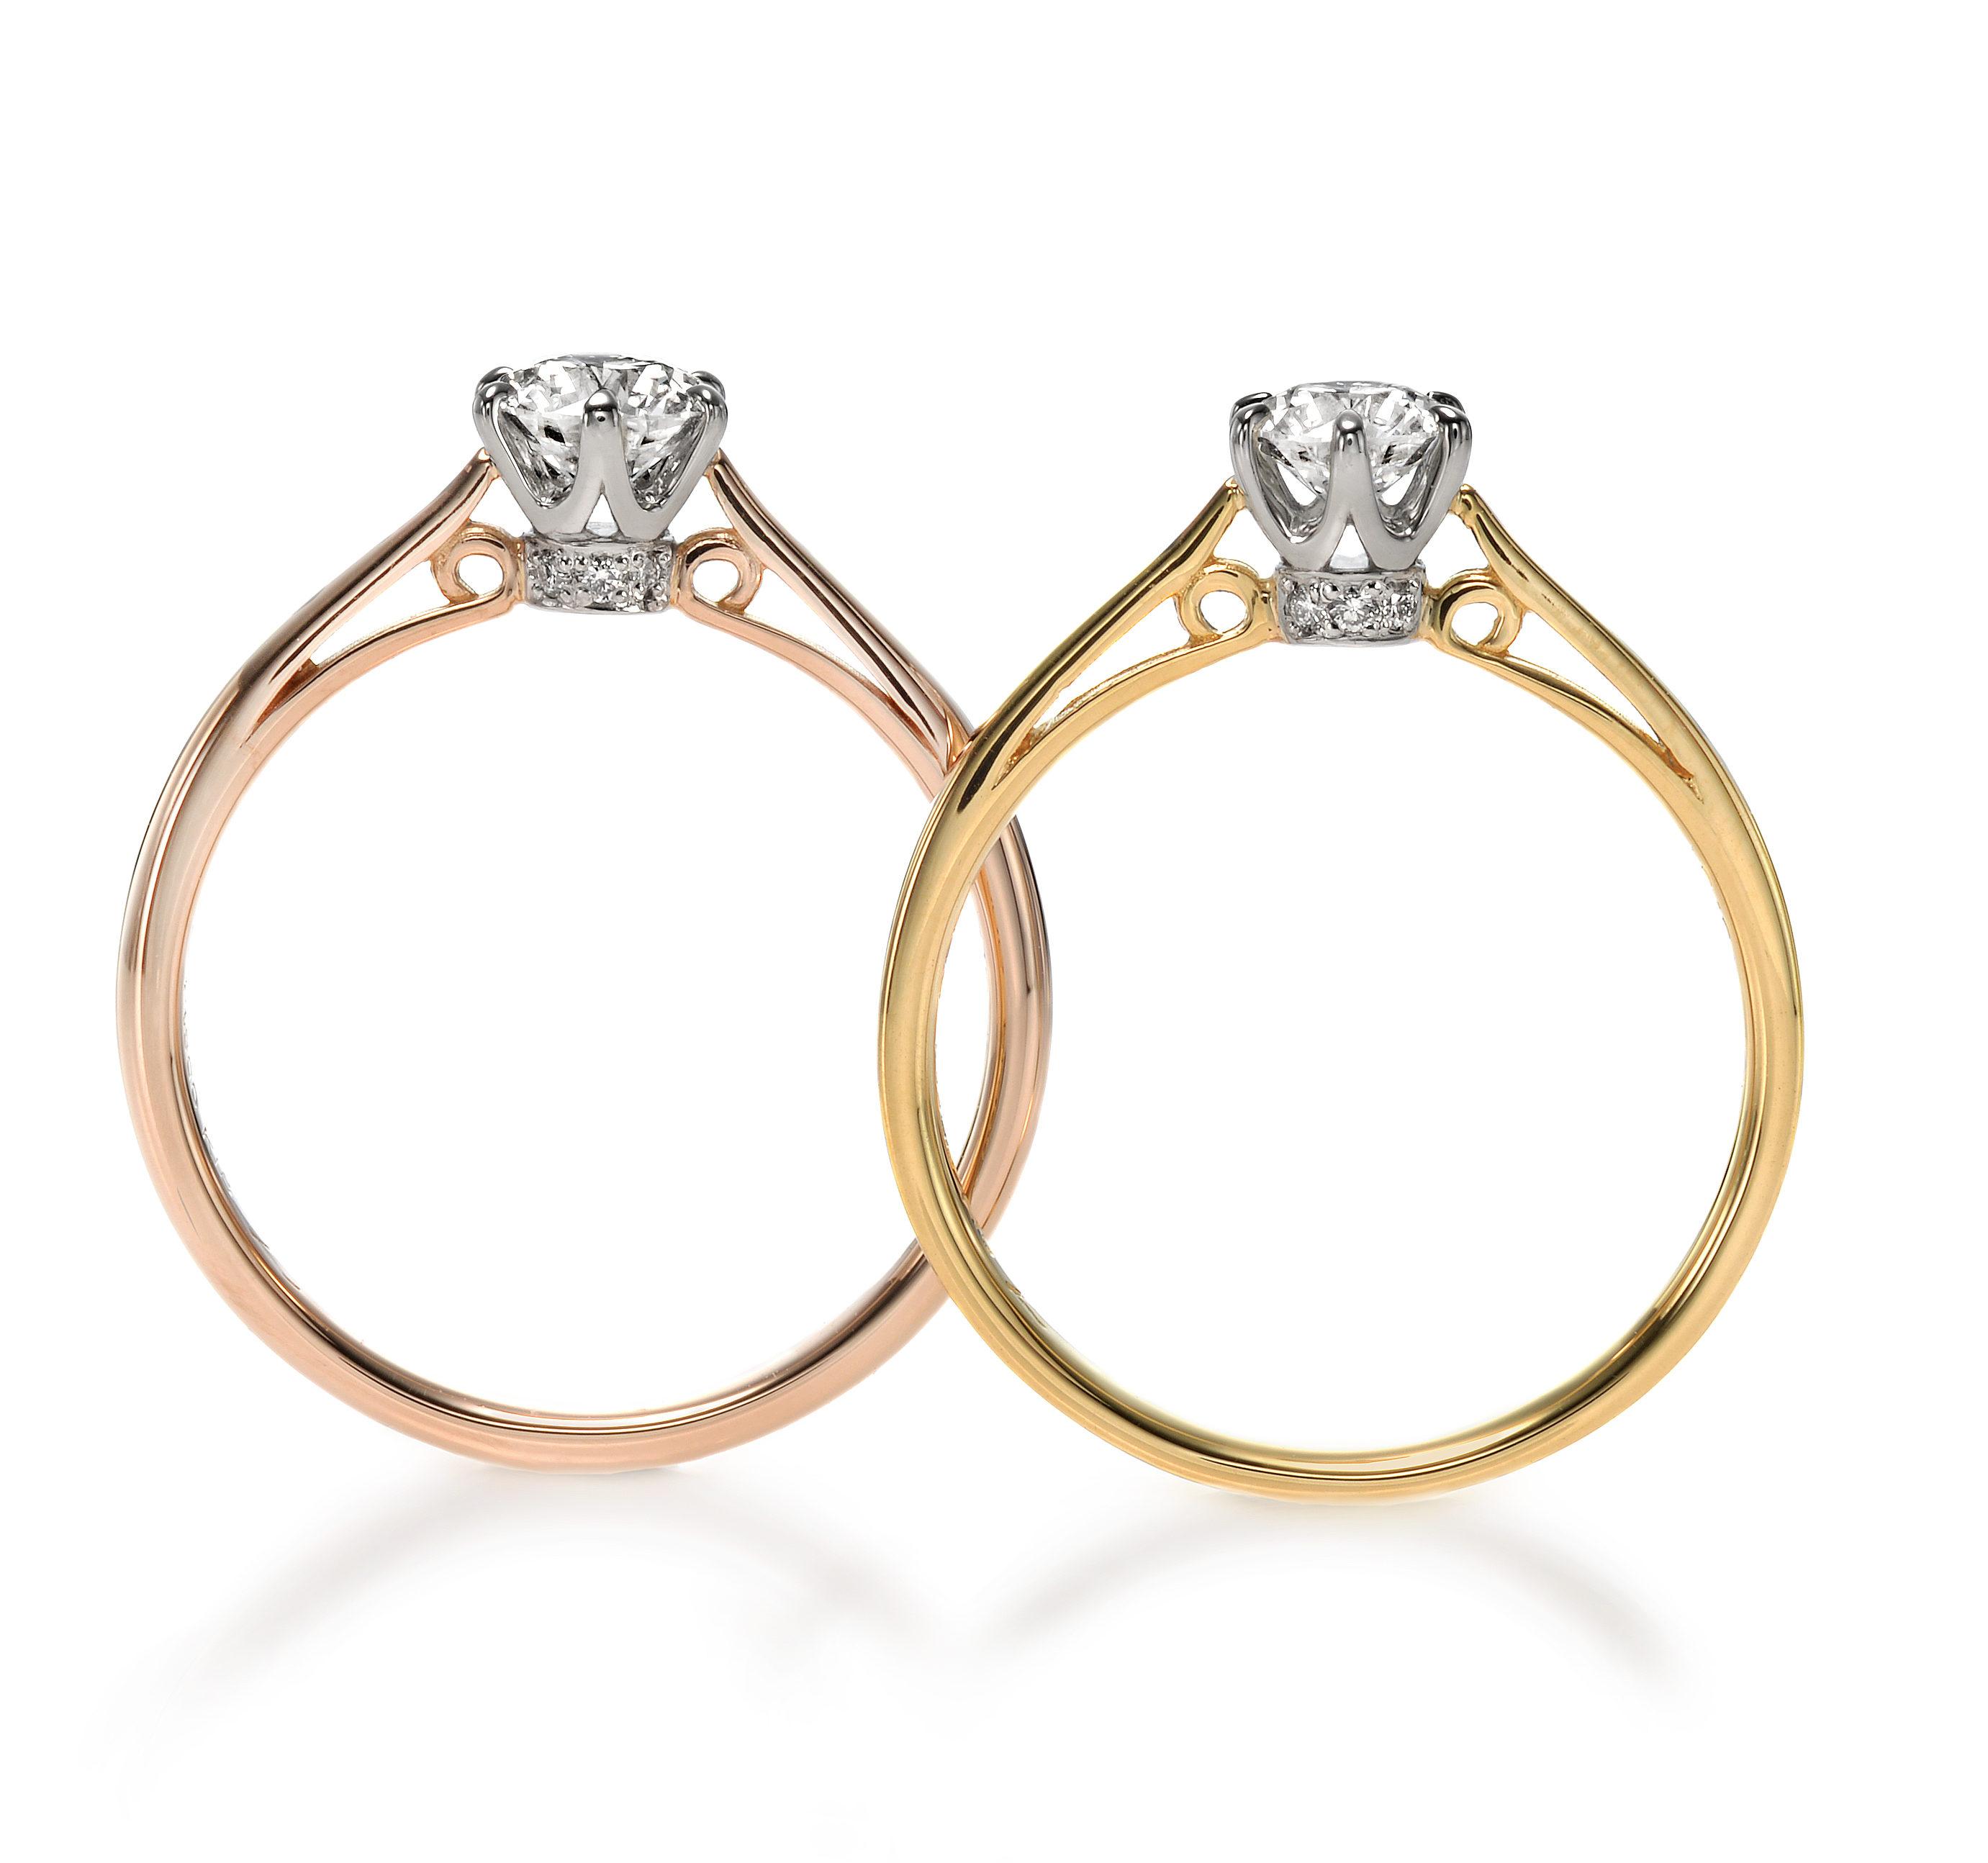 ゴージャス 婚約指輪のポン・マリー /ポン・ドゥ・シュリー